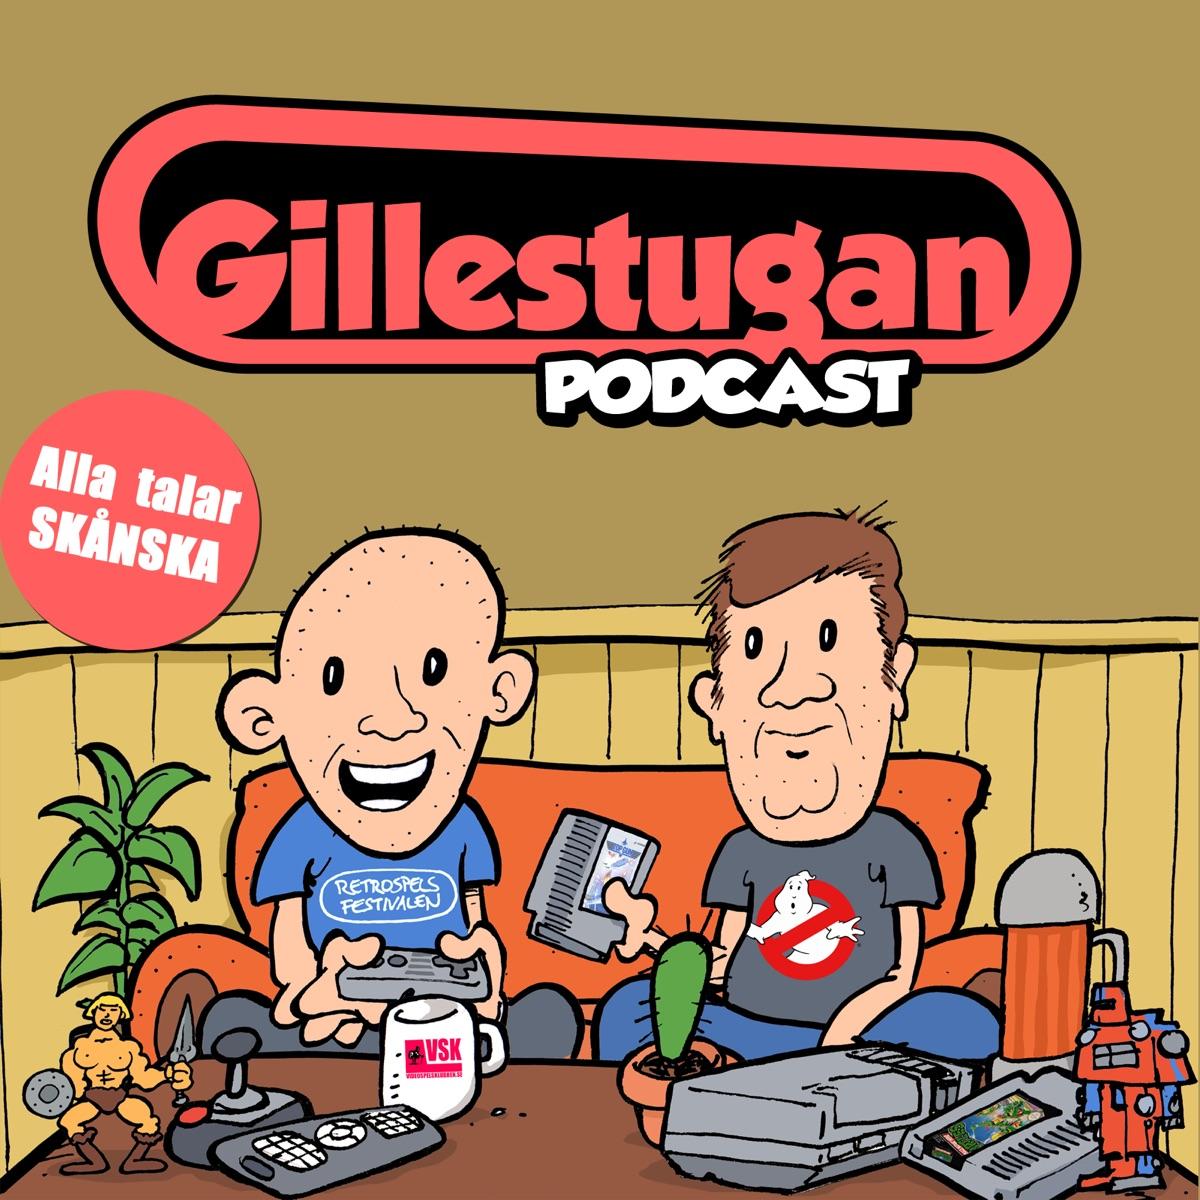 Gillestugan Podcast #70 – Super Nintendo i Sverige med Lirod